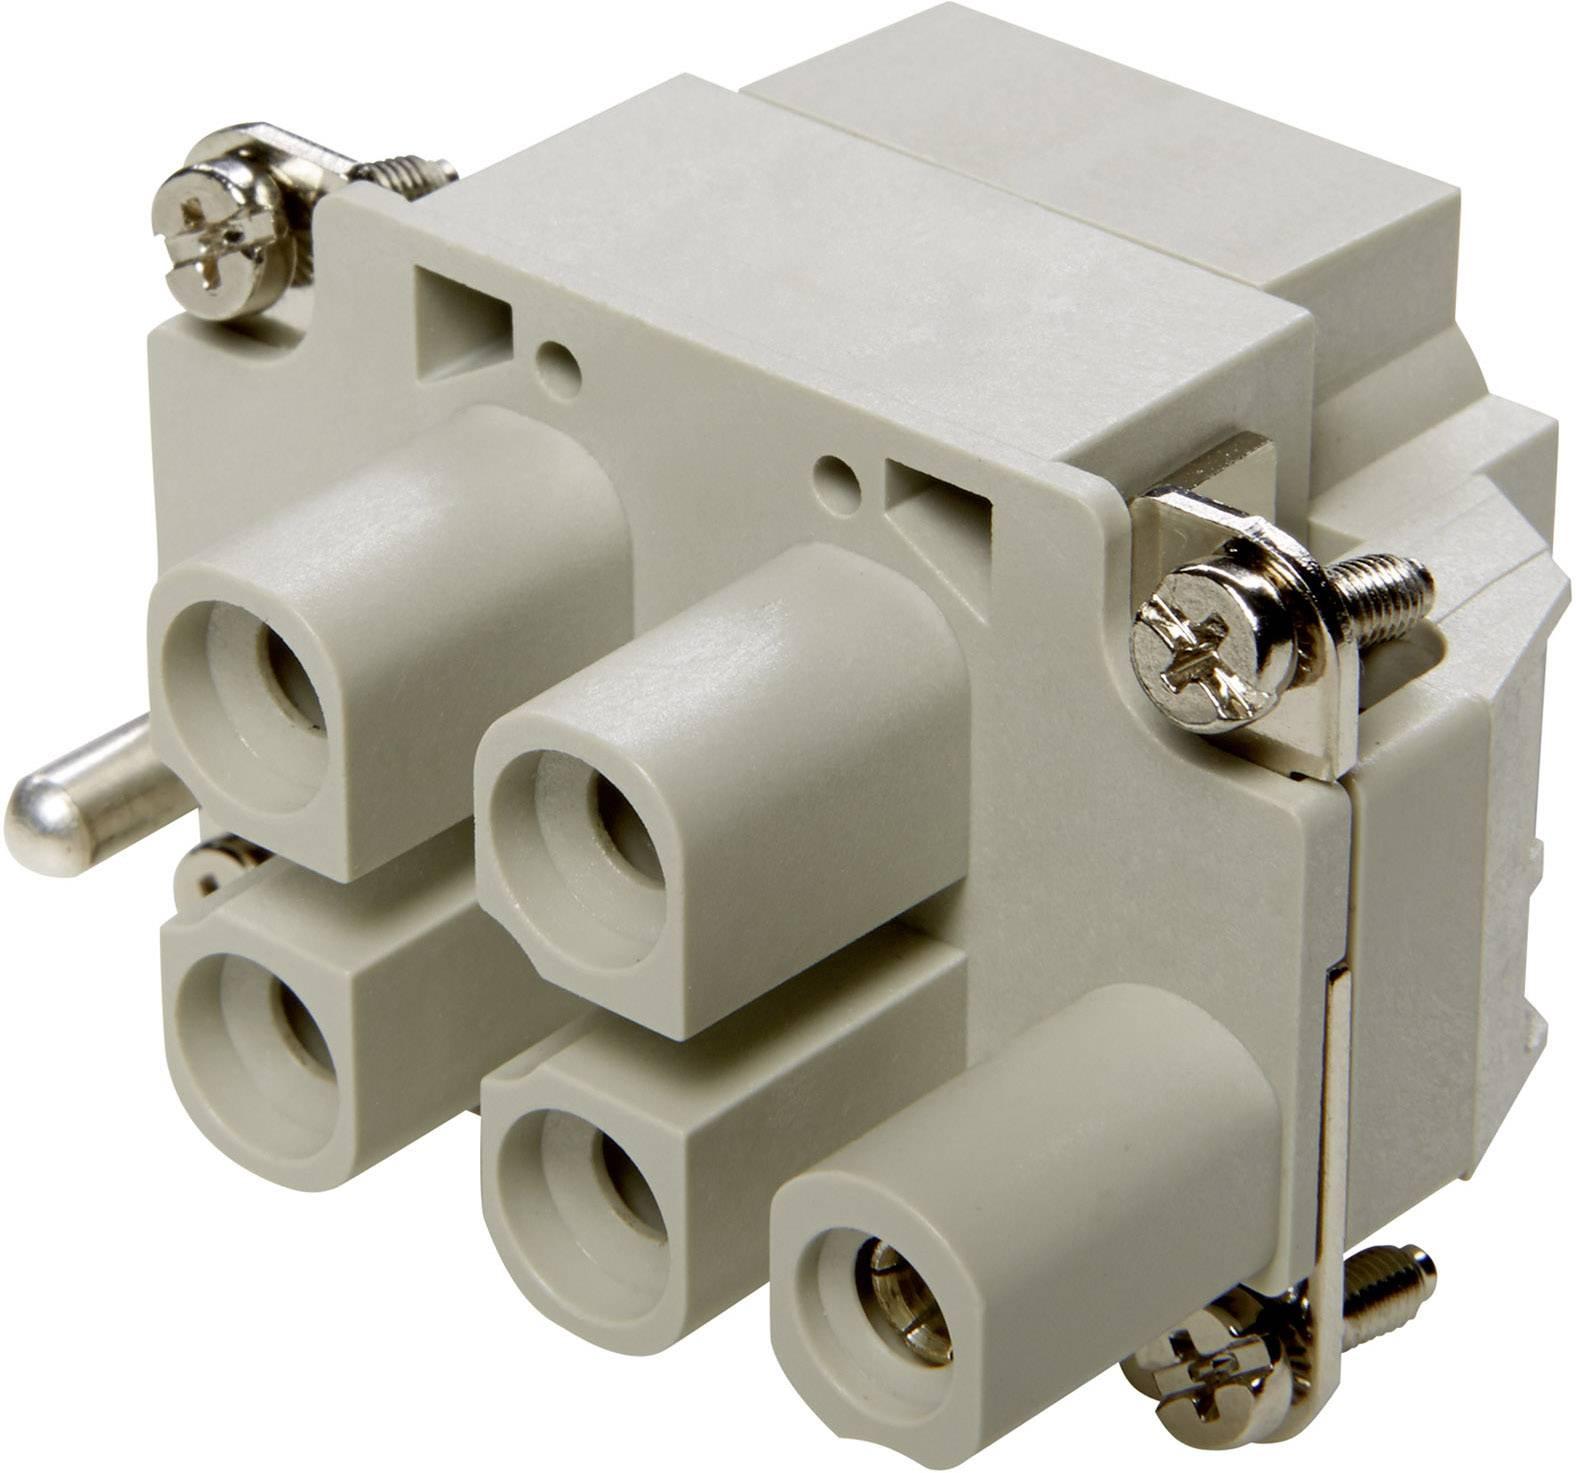 Vložka pinového konektoru EPIC® Power H-S 10407900 LappKabel počet kontaktů 4 + PE 10 ks